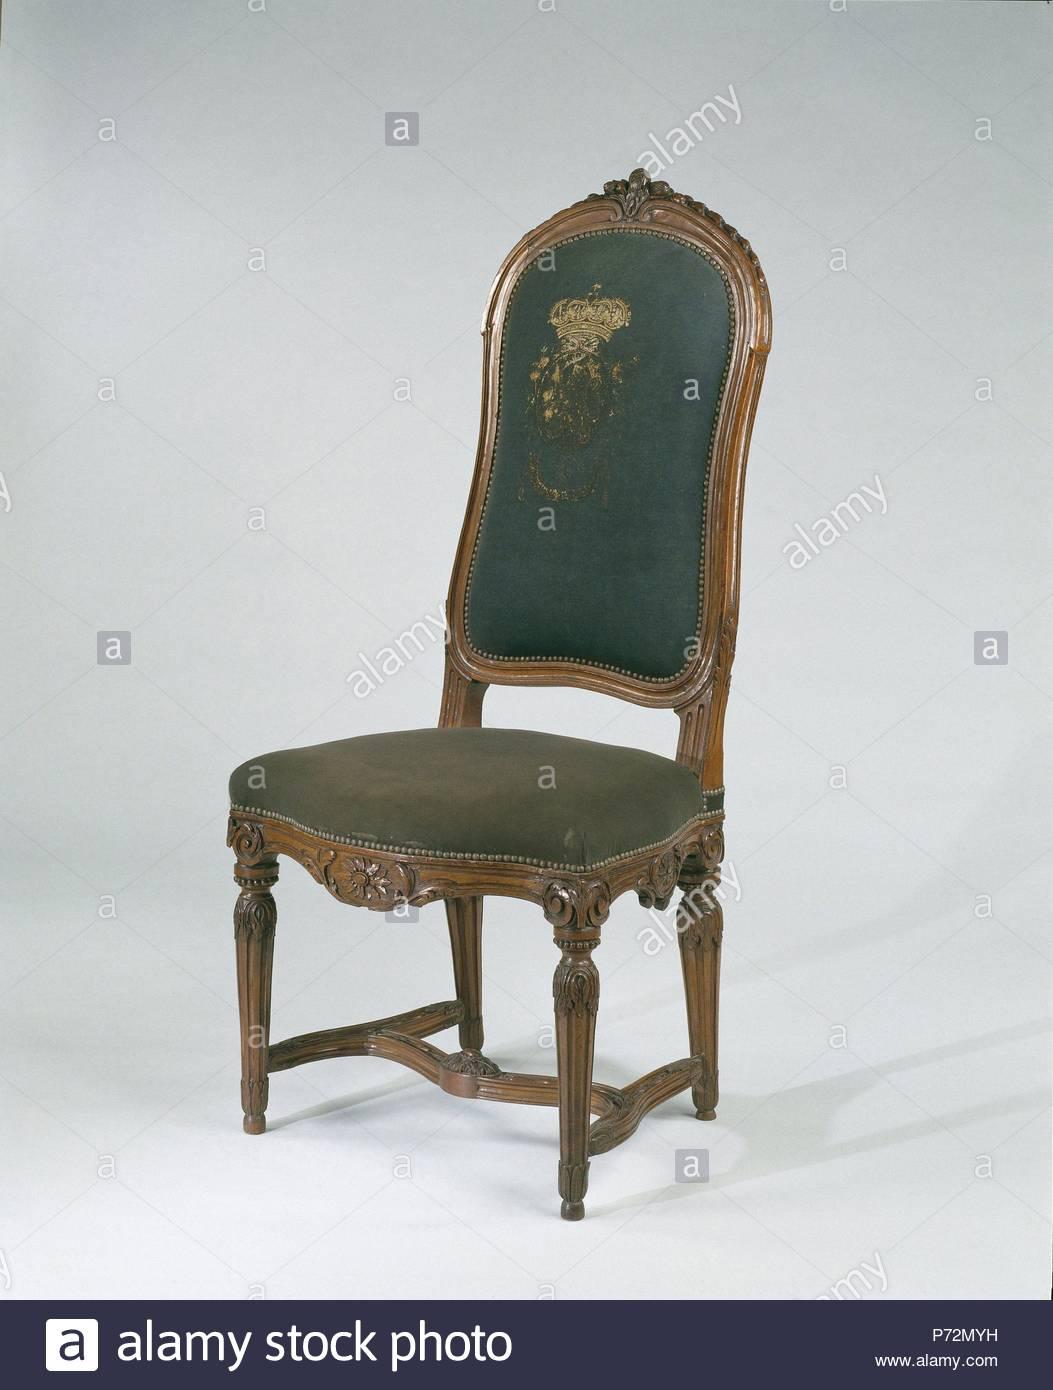 Sedie Legno Rivestite Tessuto.Sedia In Legno Di Faggio Con Gambe Scanalate E Scolpite Rivestita